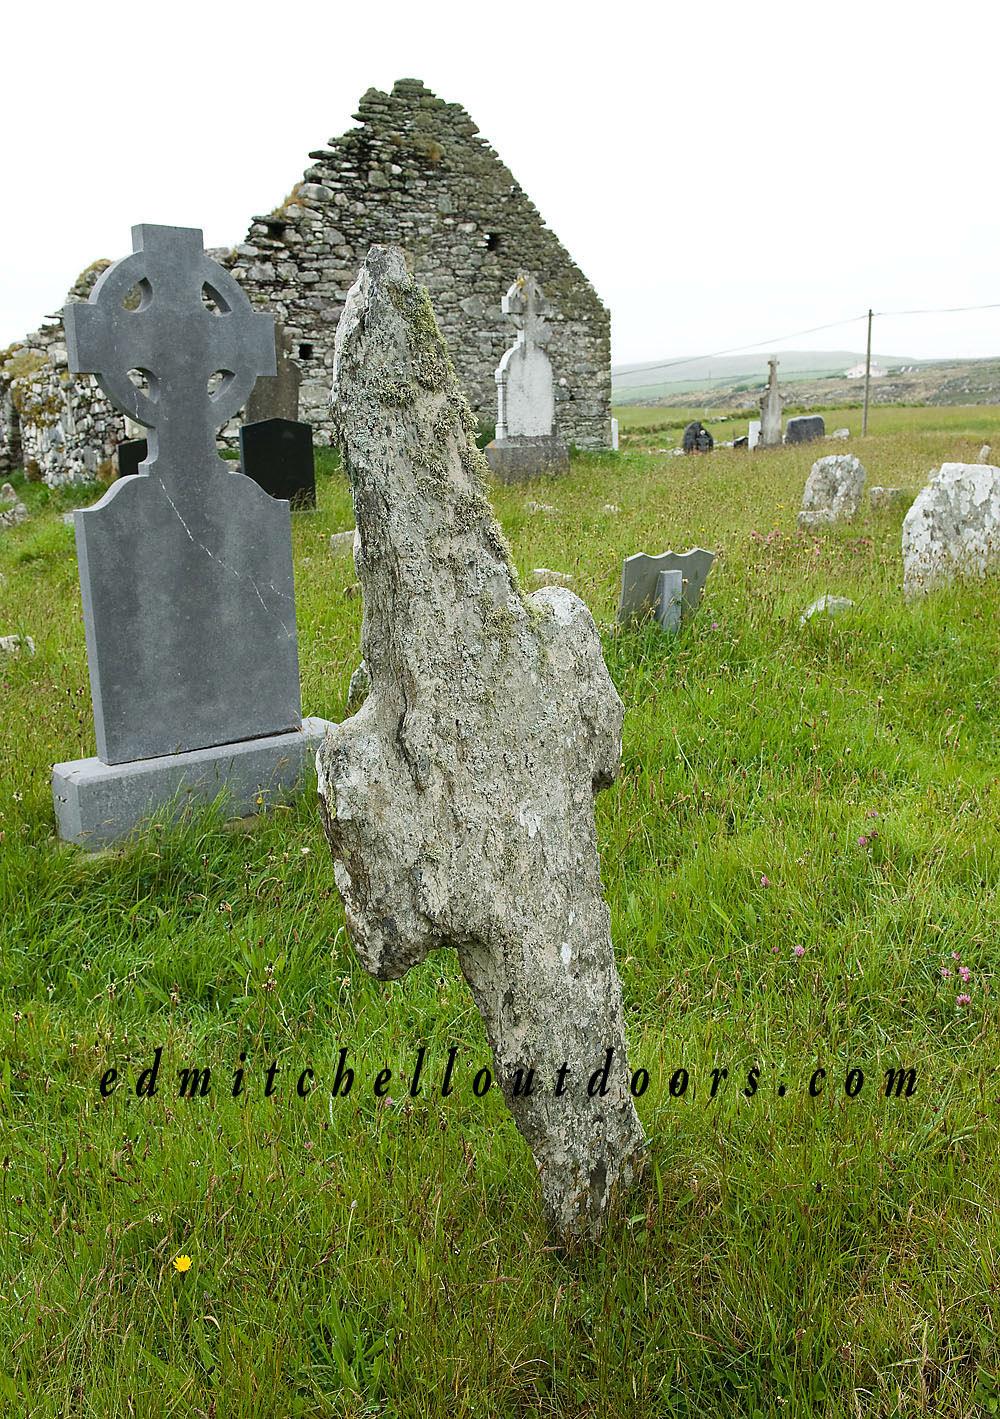 The Earliest Christian Cross in Ireland?